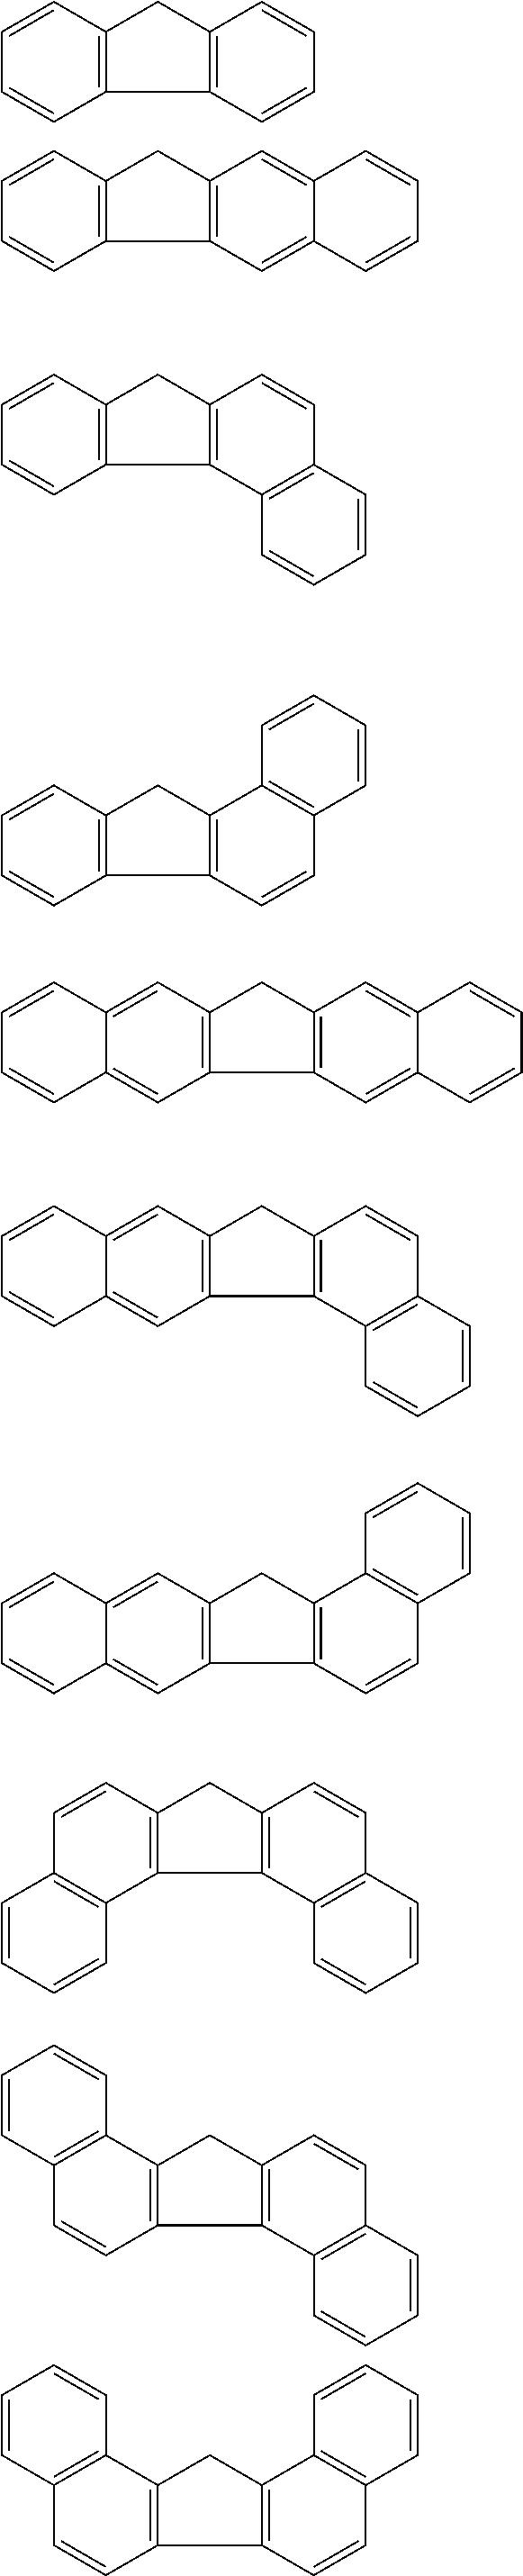 Figure US09045587-20150602-C00010